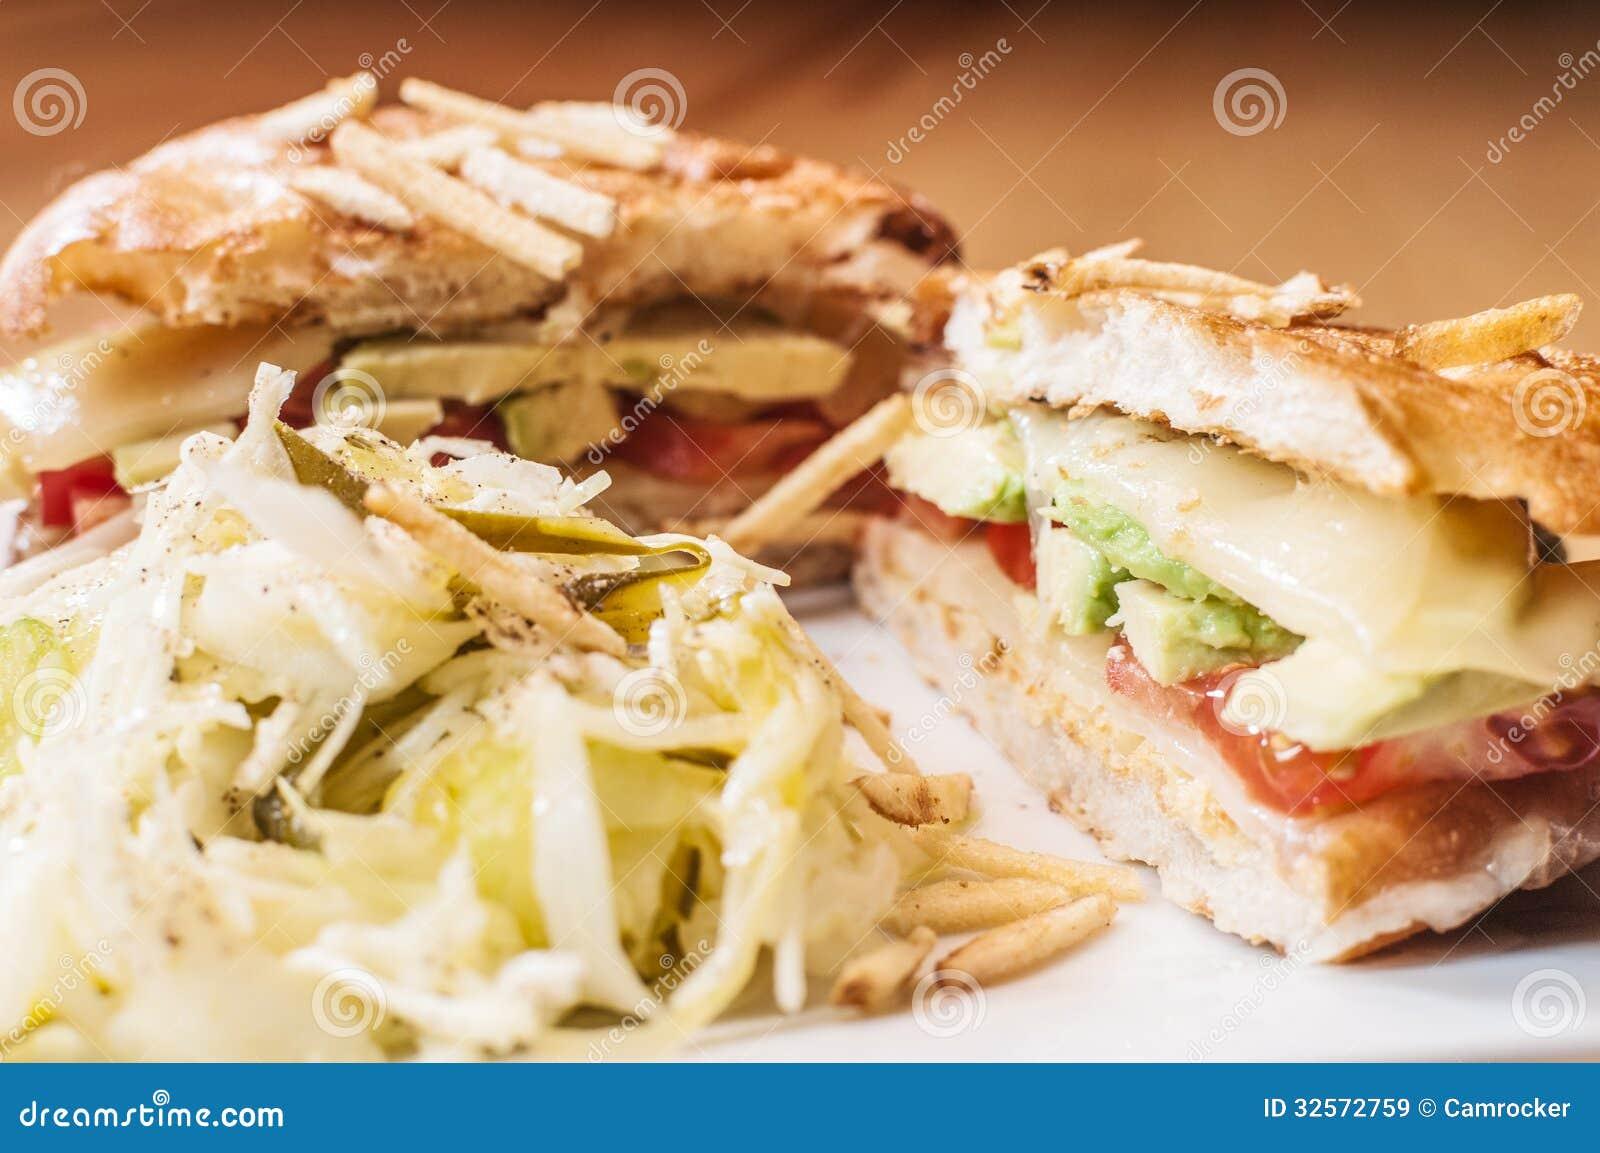 vegetarian panini with avocado, tomato, and gruyere cheese.